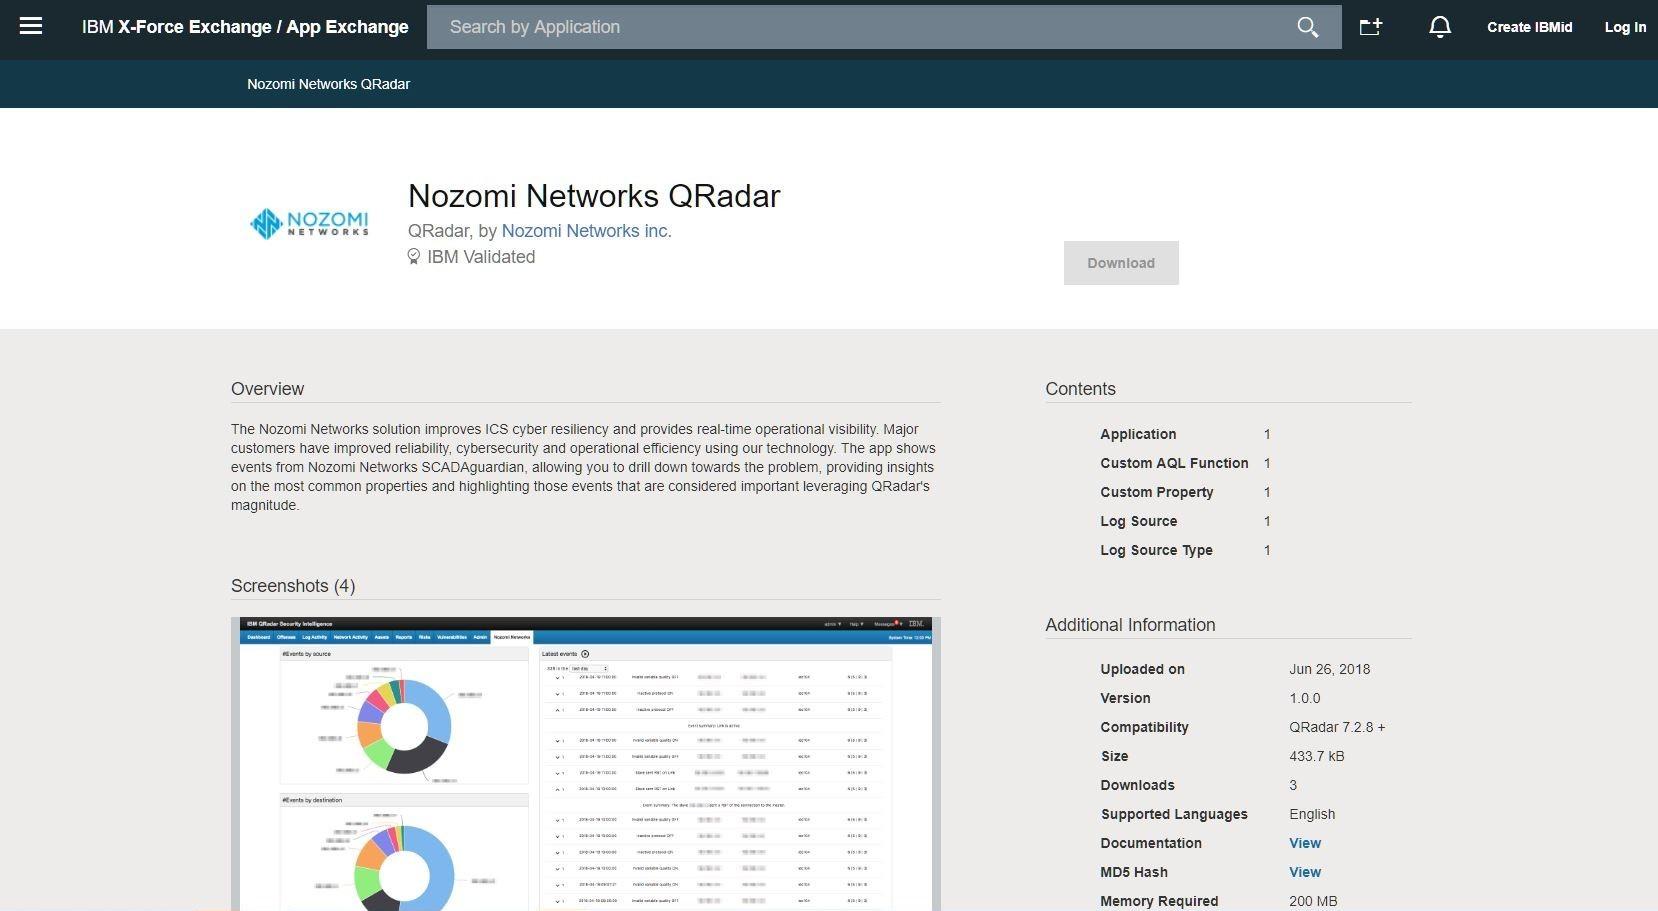 Nozomi Networks QRadar Solution